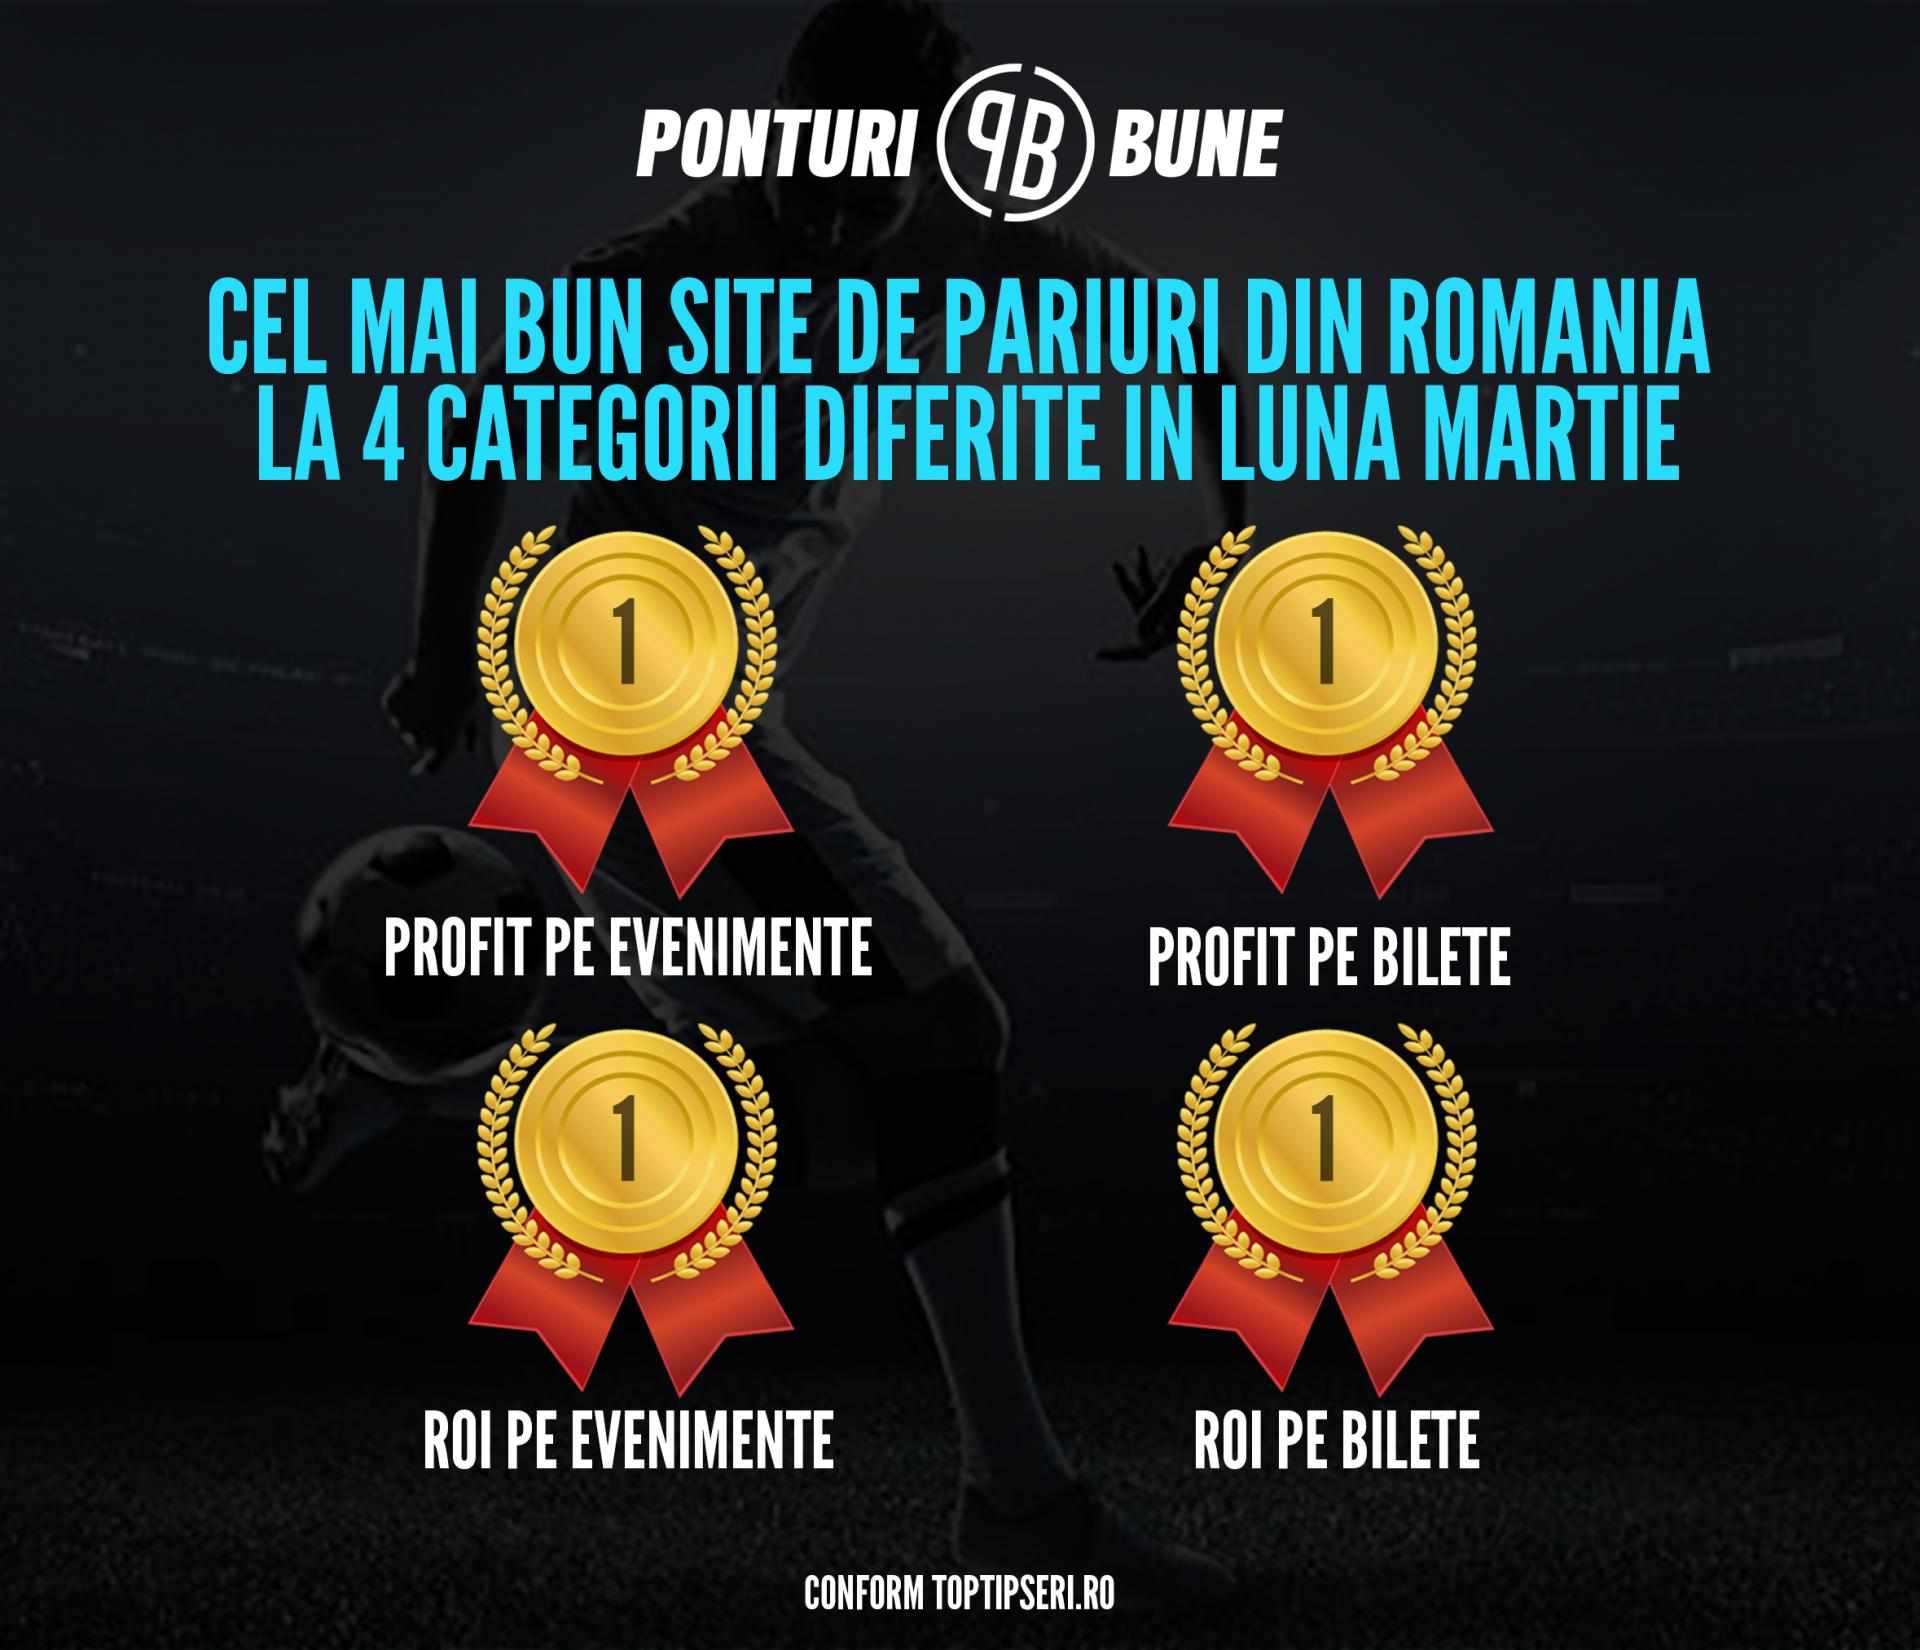 Ponturi Bune, cel mai bun site de pariuri din Romania